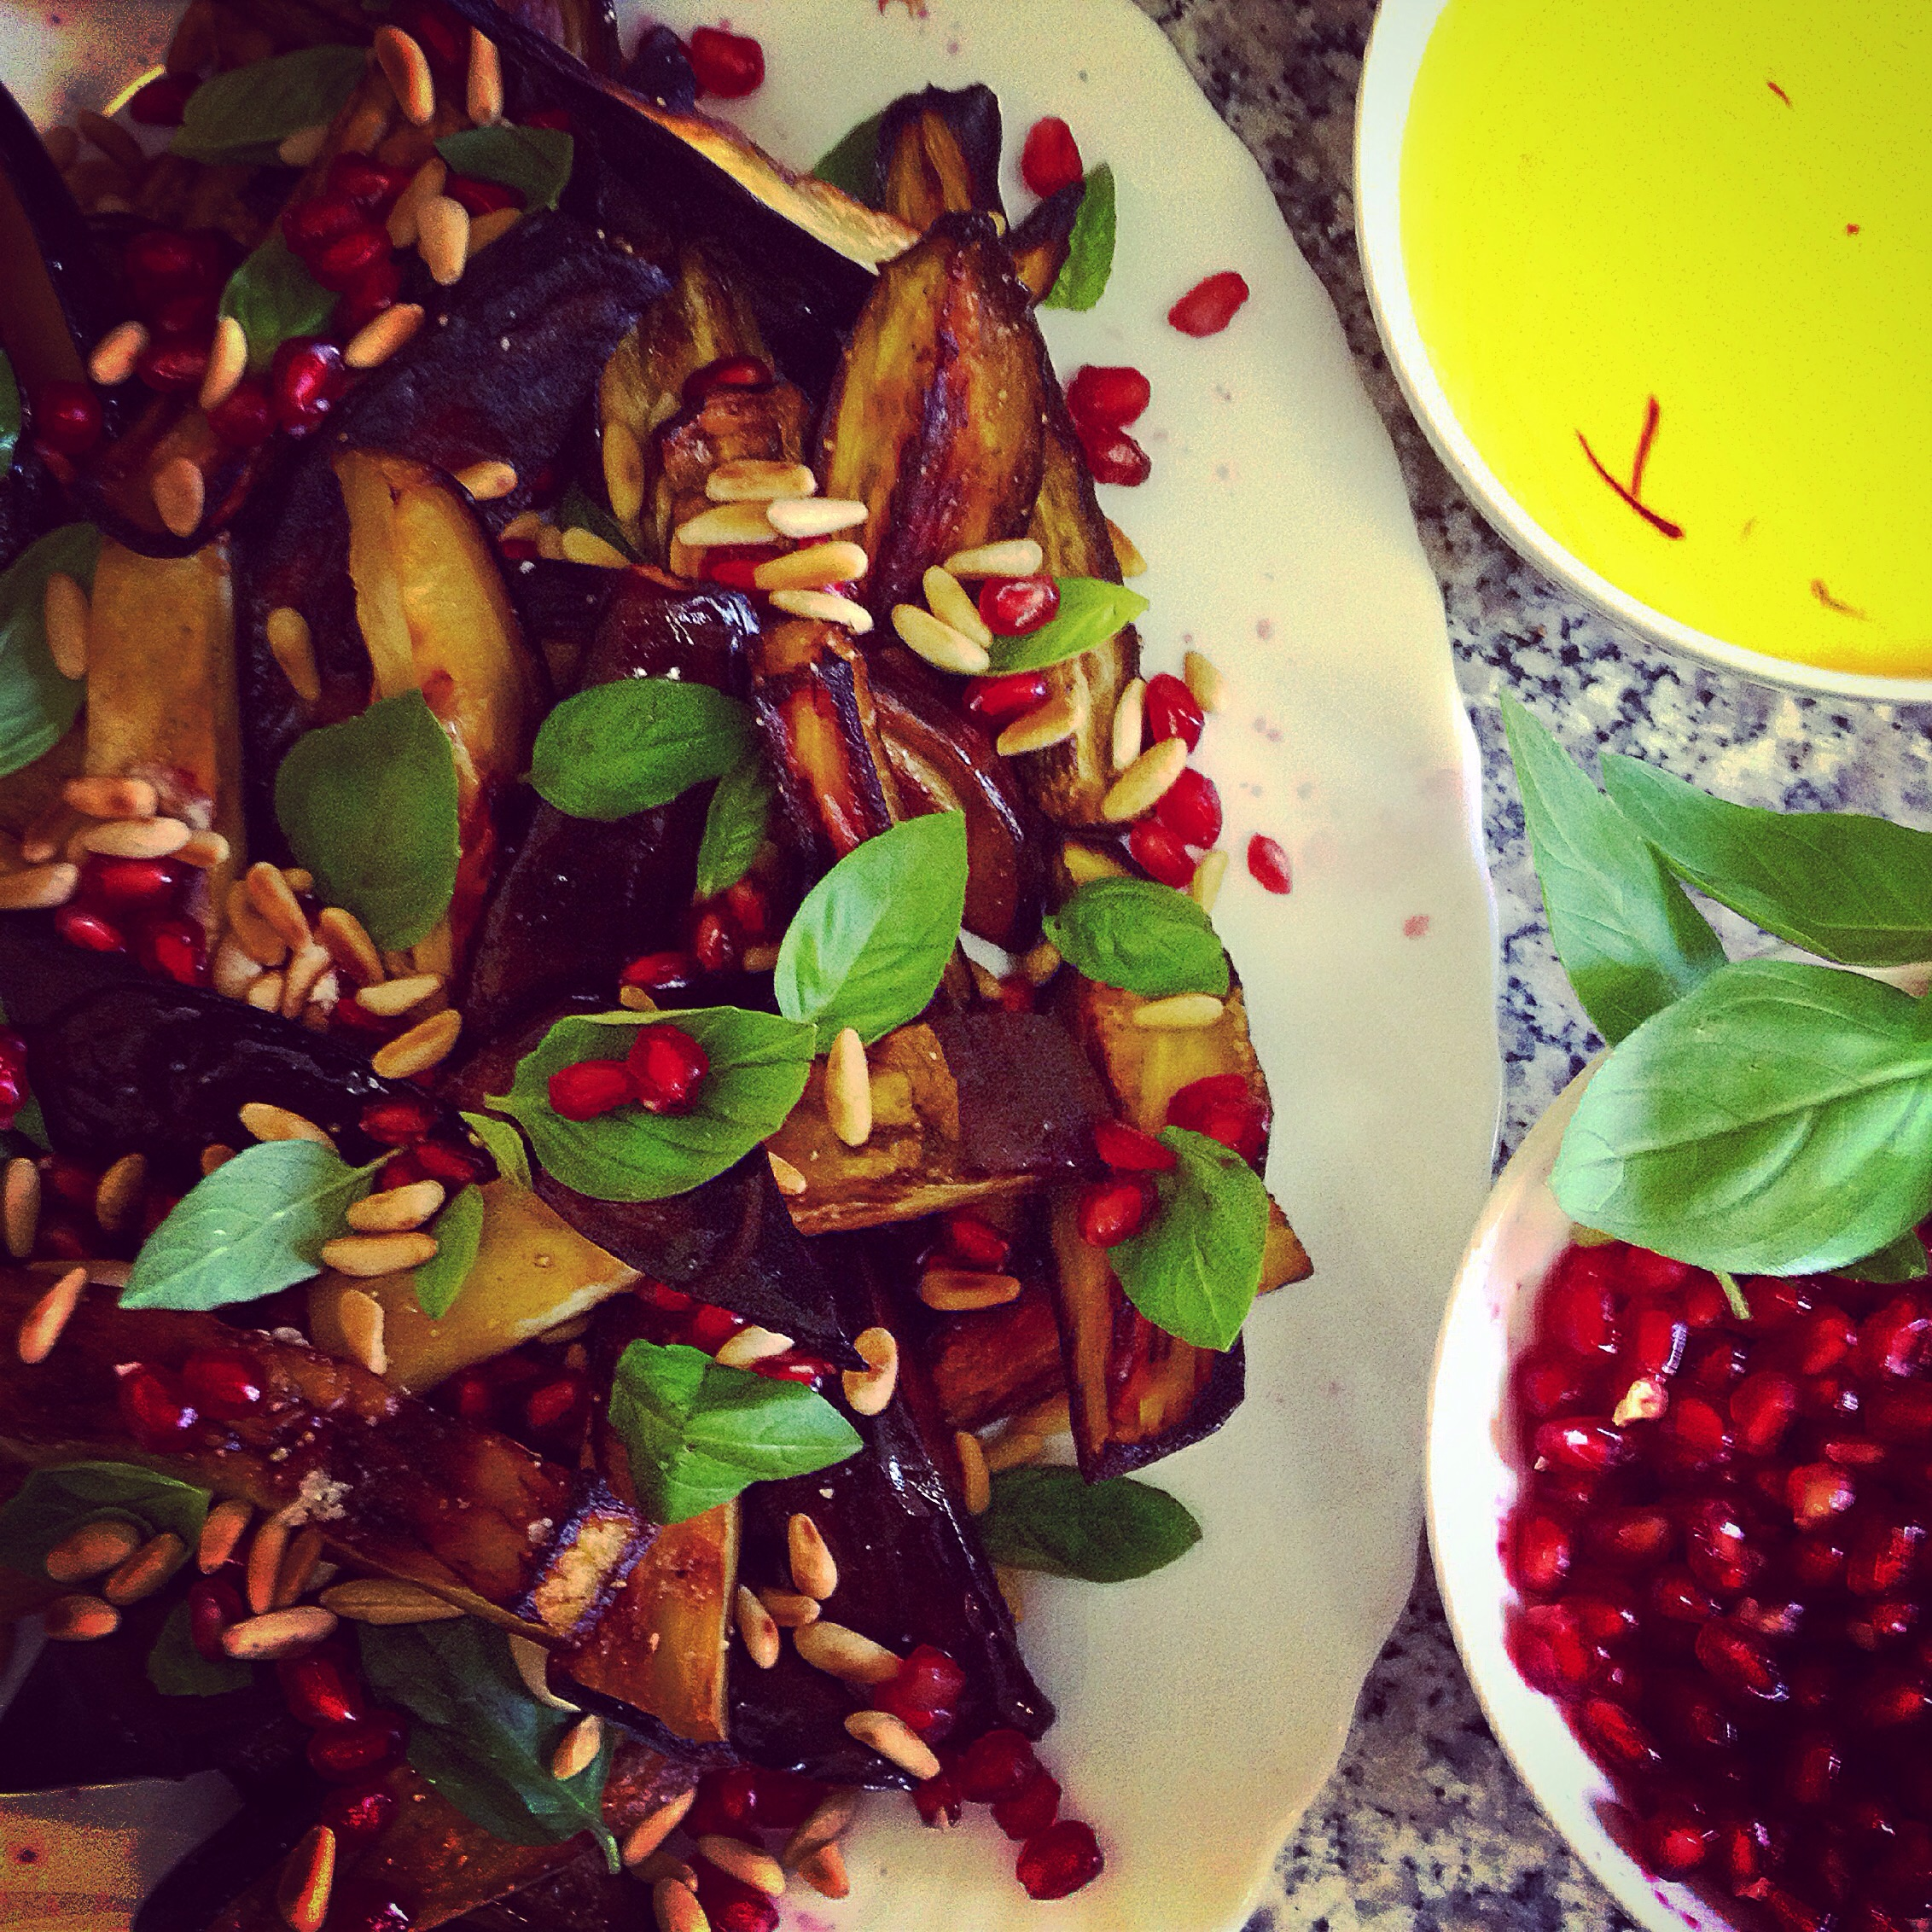 Gebackene Auberginen mit Basilikum, Granatapfel und Pinienkerne an einer Joghurt-Safran Sauce